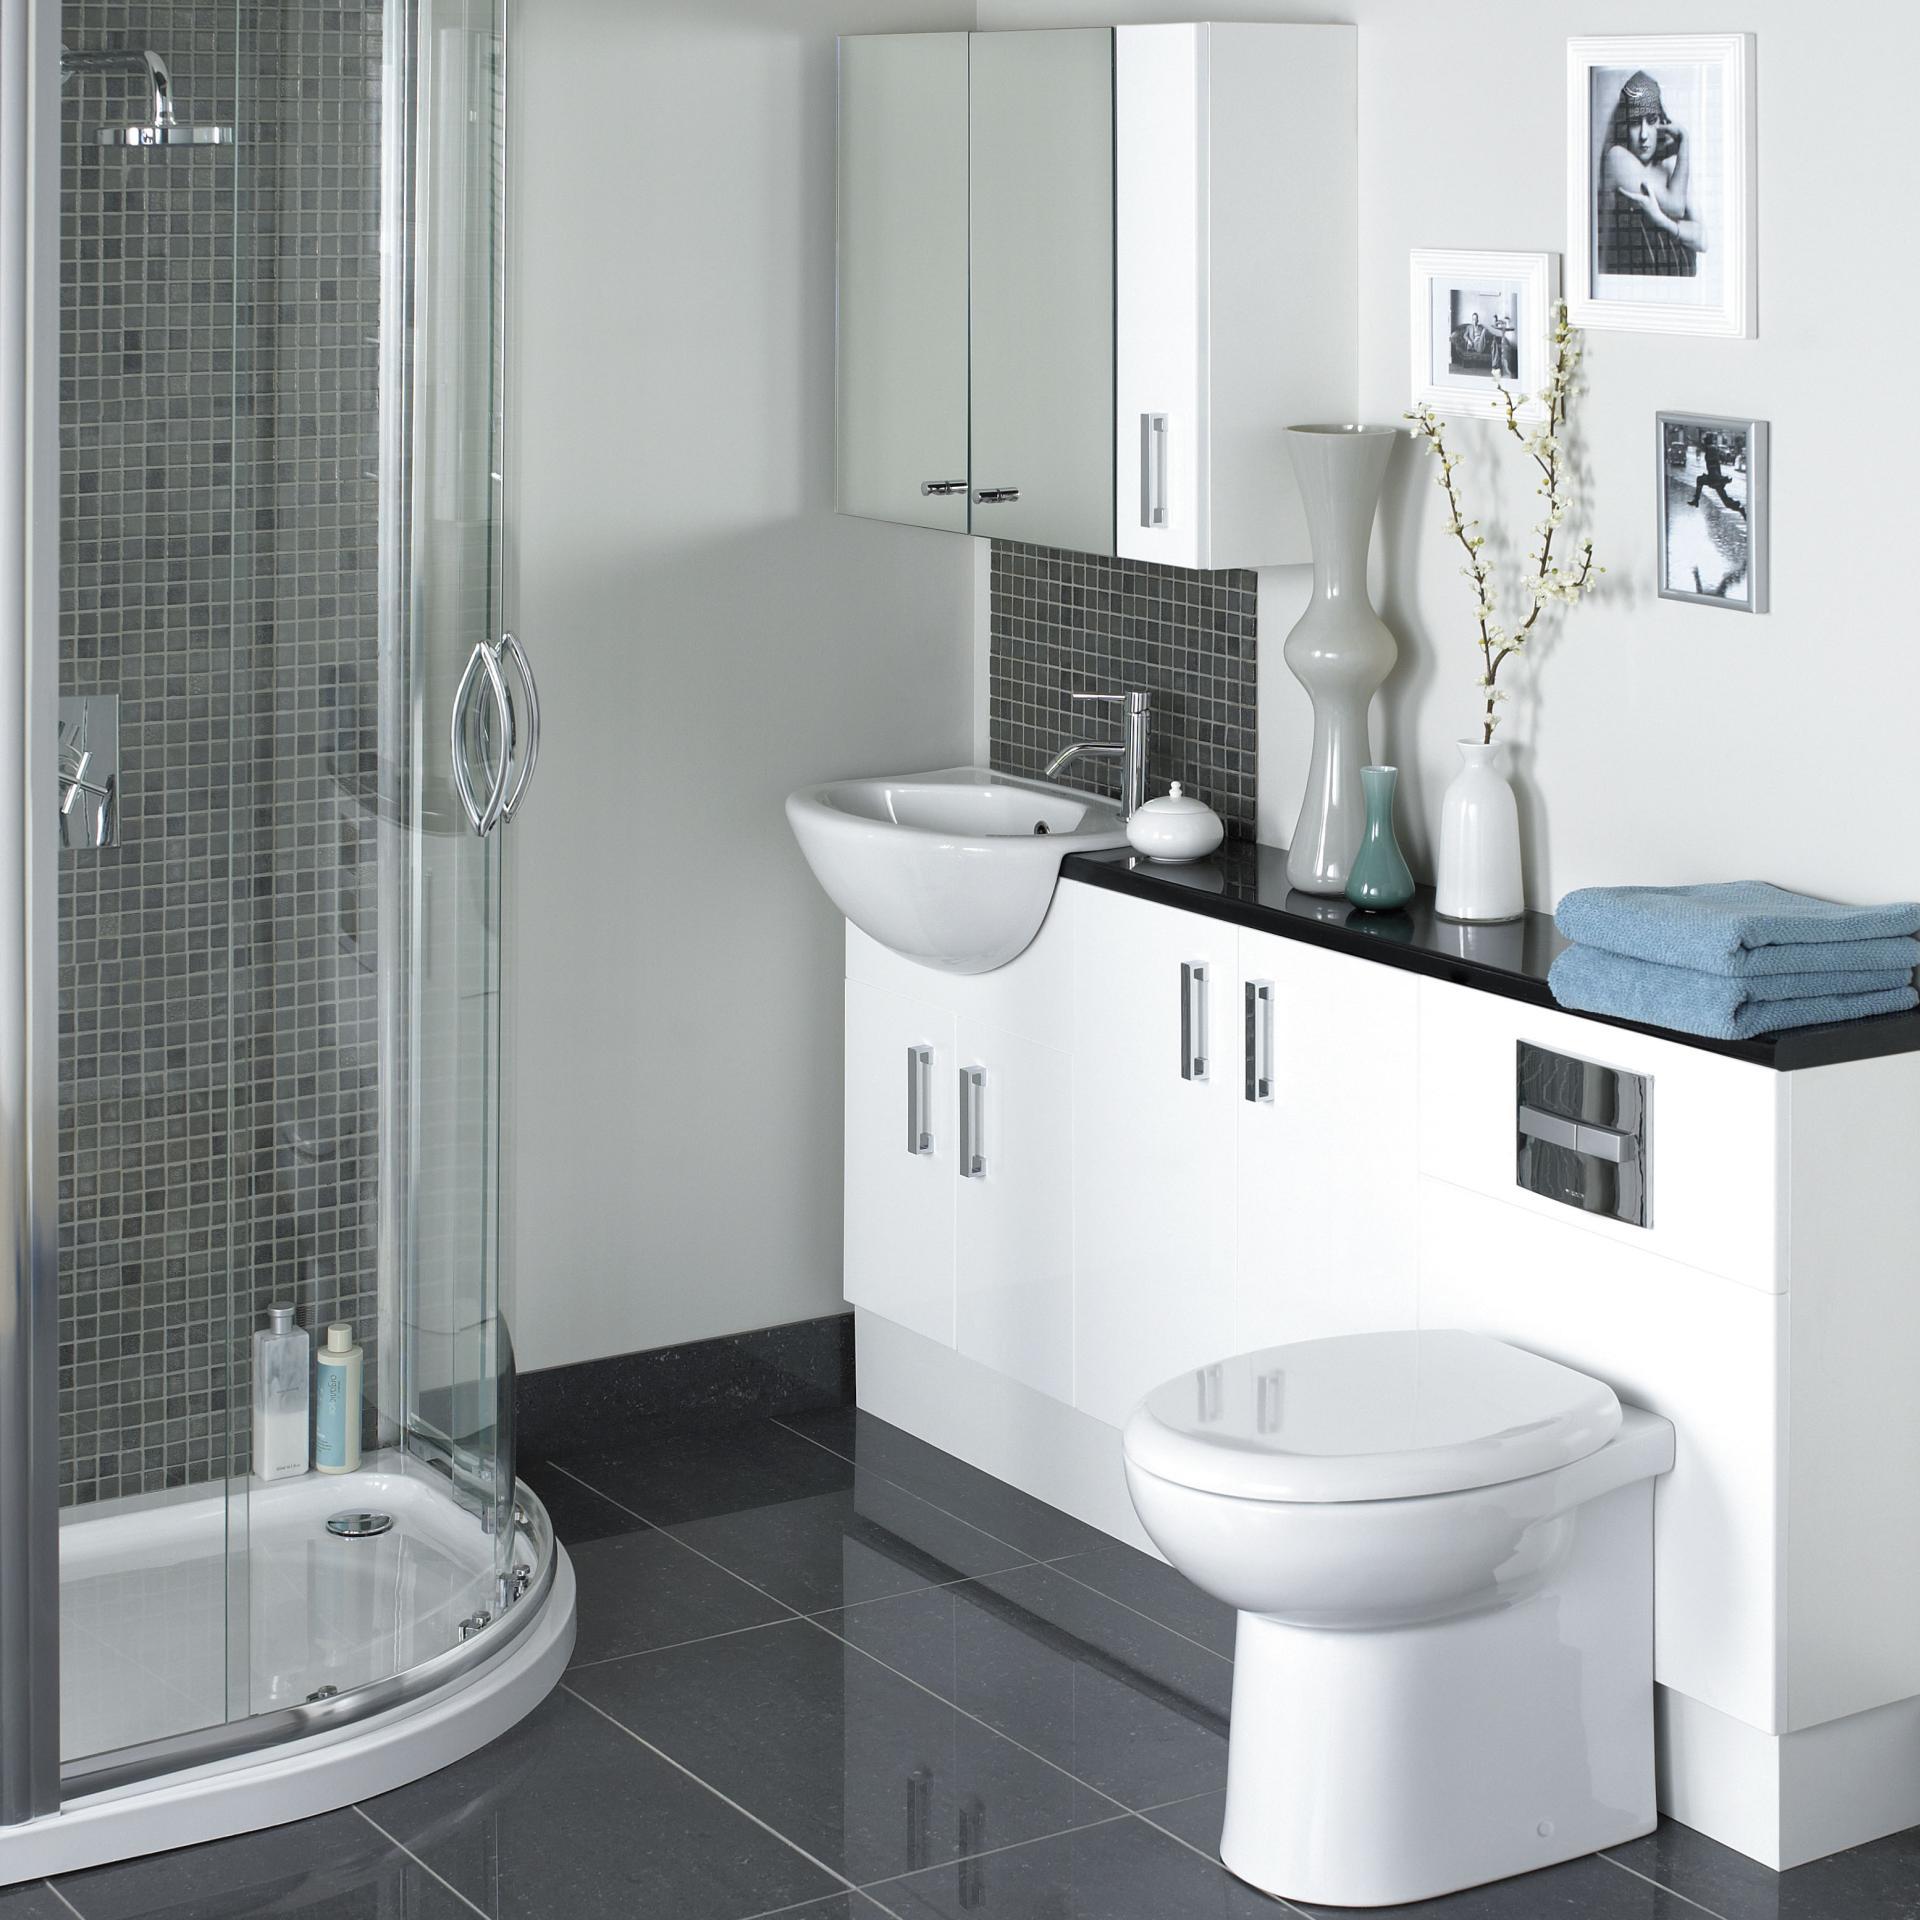 Znalezione obrazy dla zapytania Мебель и интерьер ванной комнаты